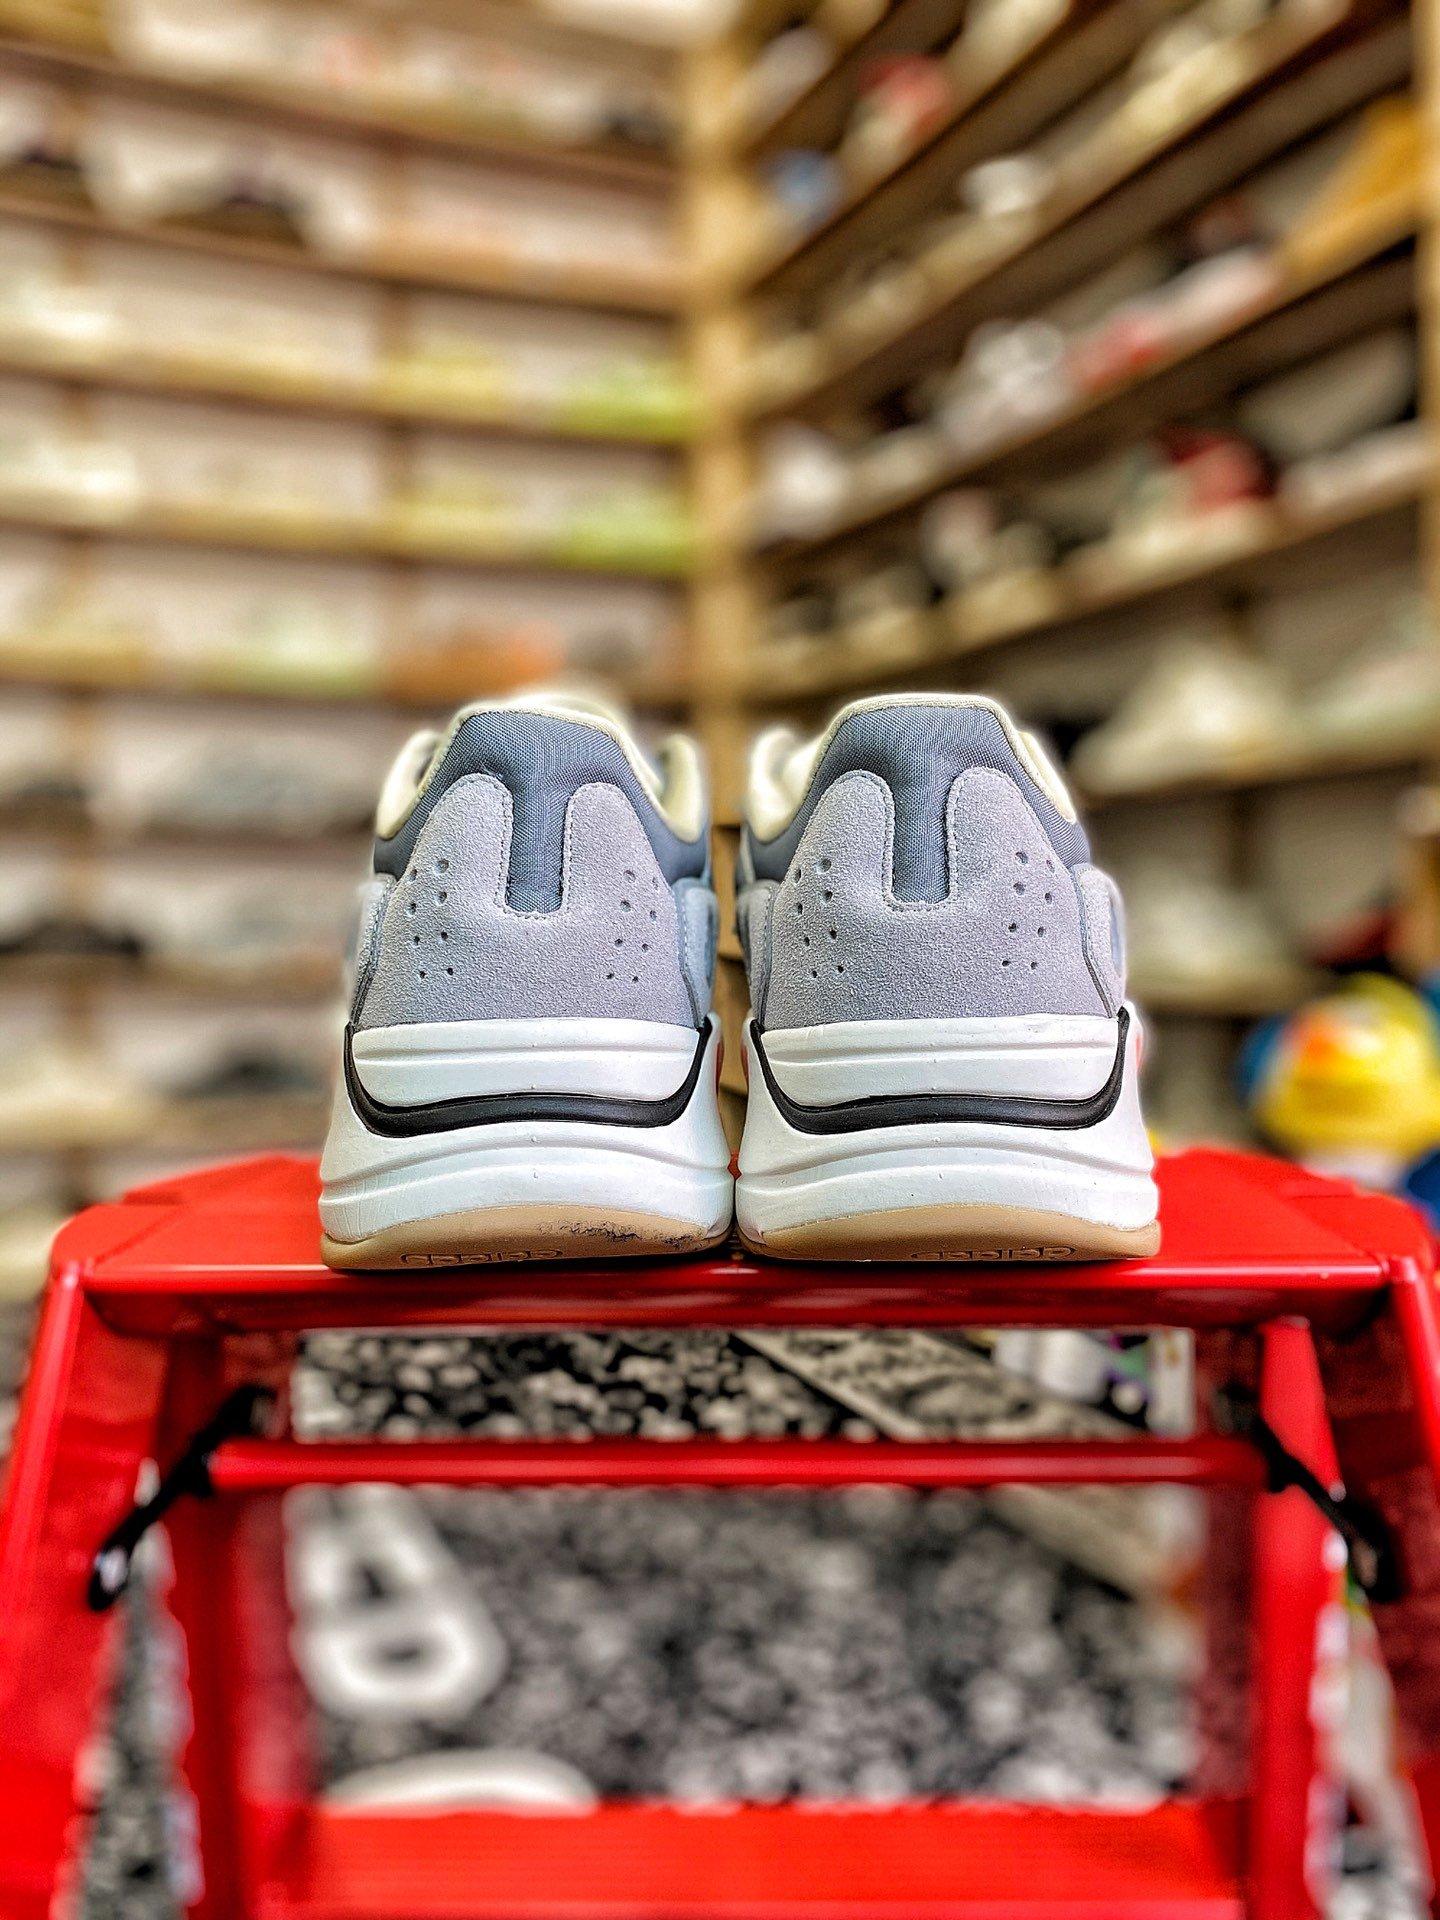 「富婆快乐鞋」成为有钱人标配!Stussy 联名暴涨!小迪奥破万!你有几双?